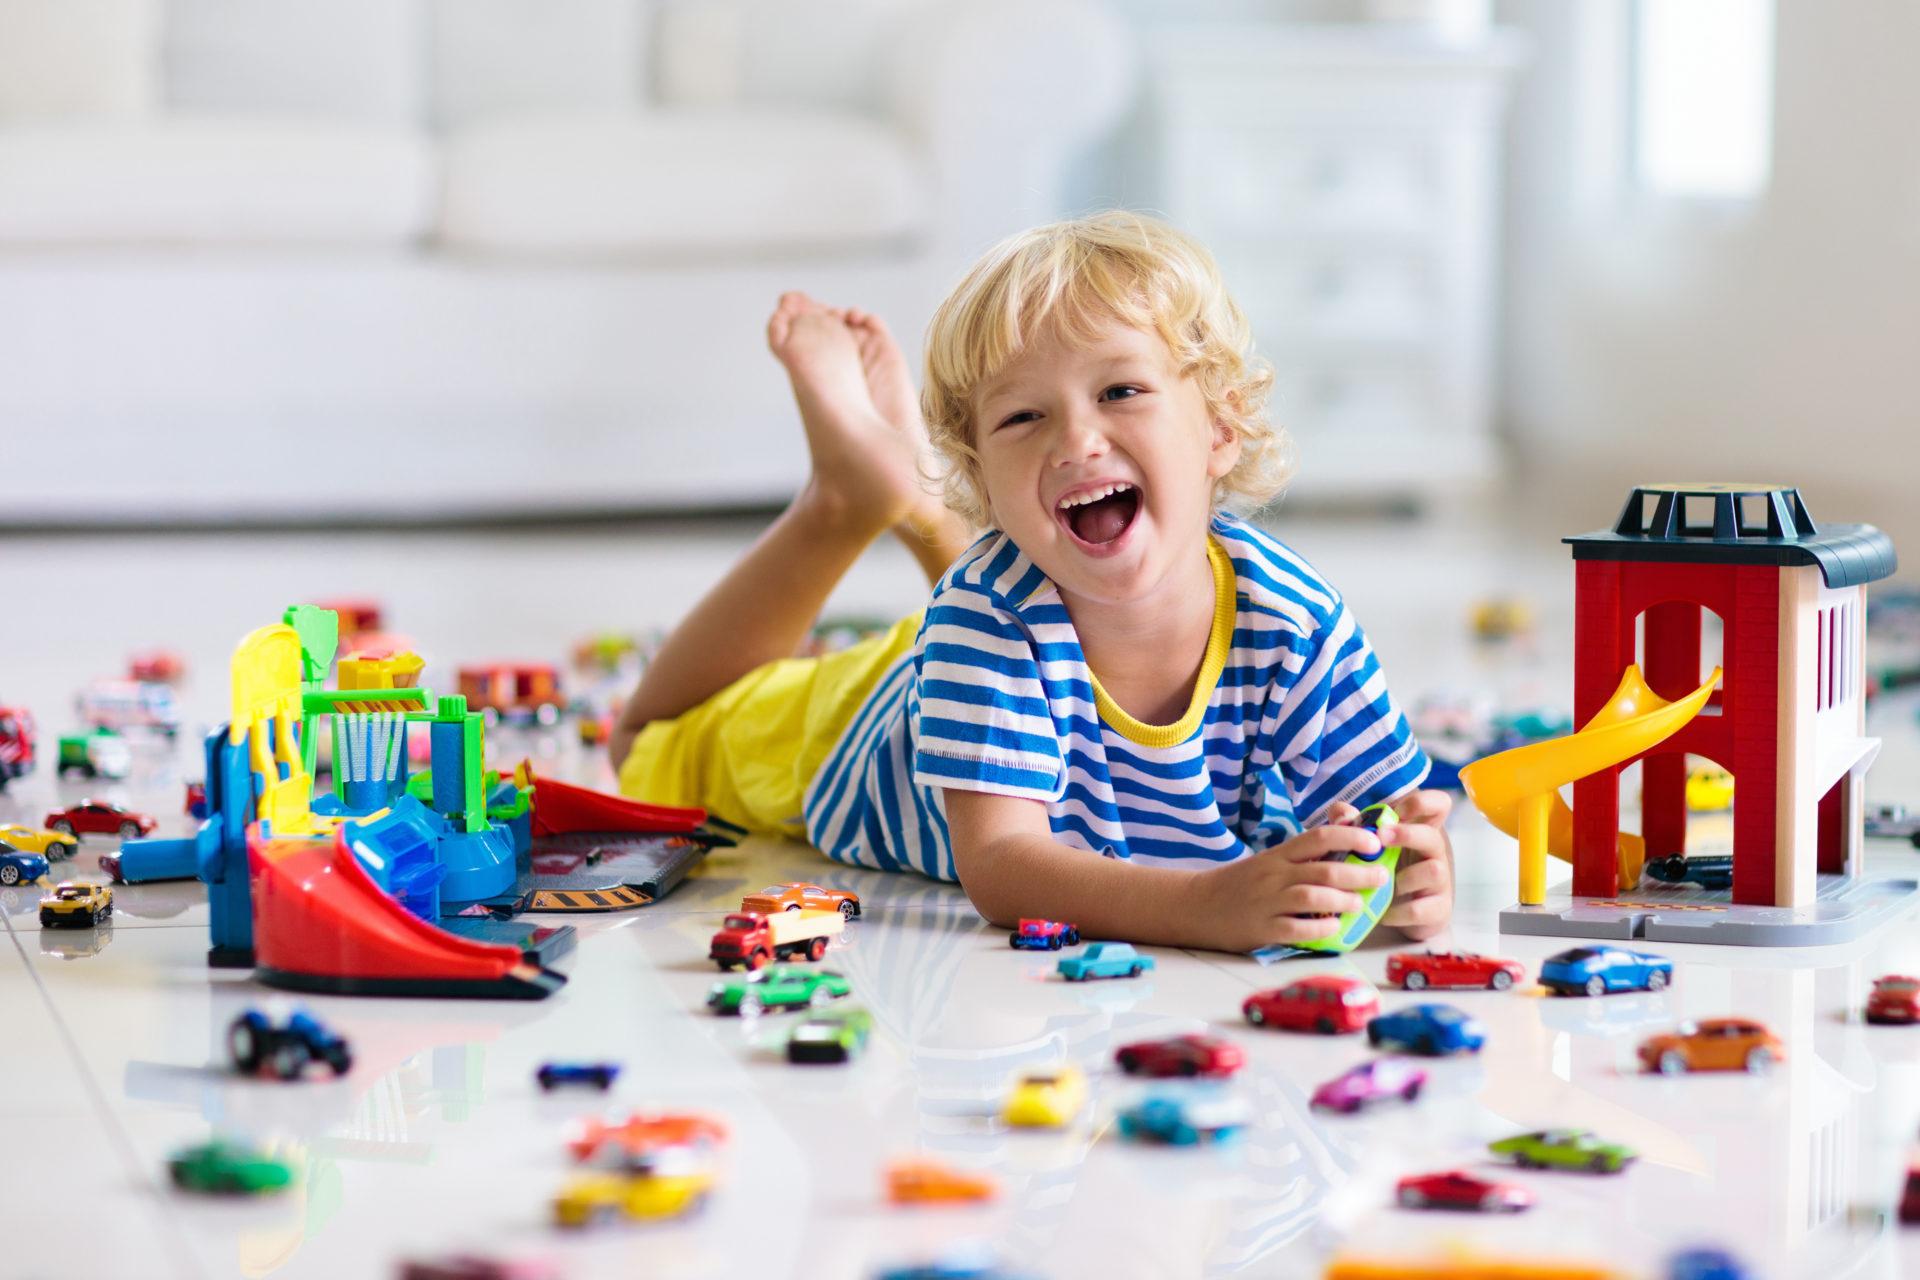 Jeu Eveil Enfant, Jouet Eveil Enfant, Cadeau D'eveil Pour intérieur Jeu Educatif 3 Ans